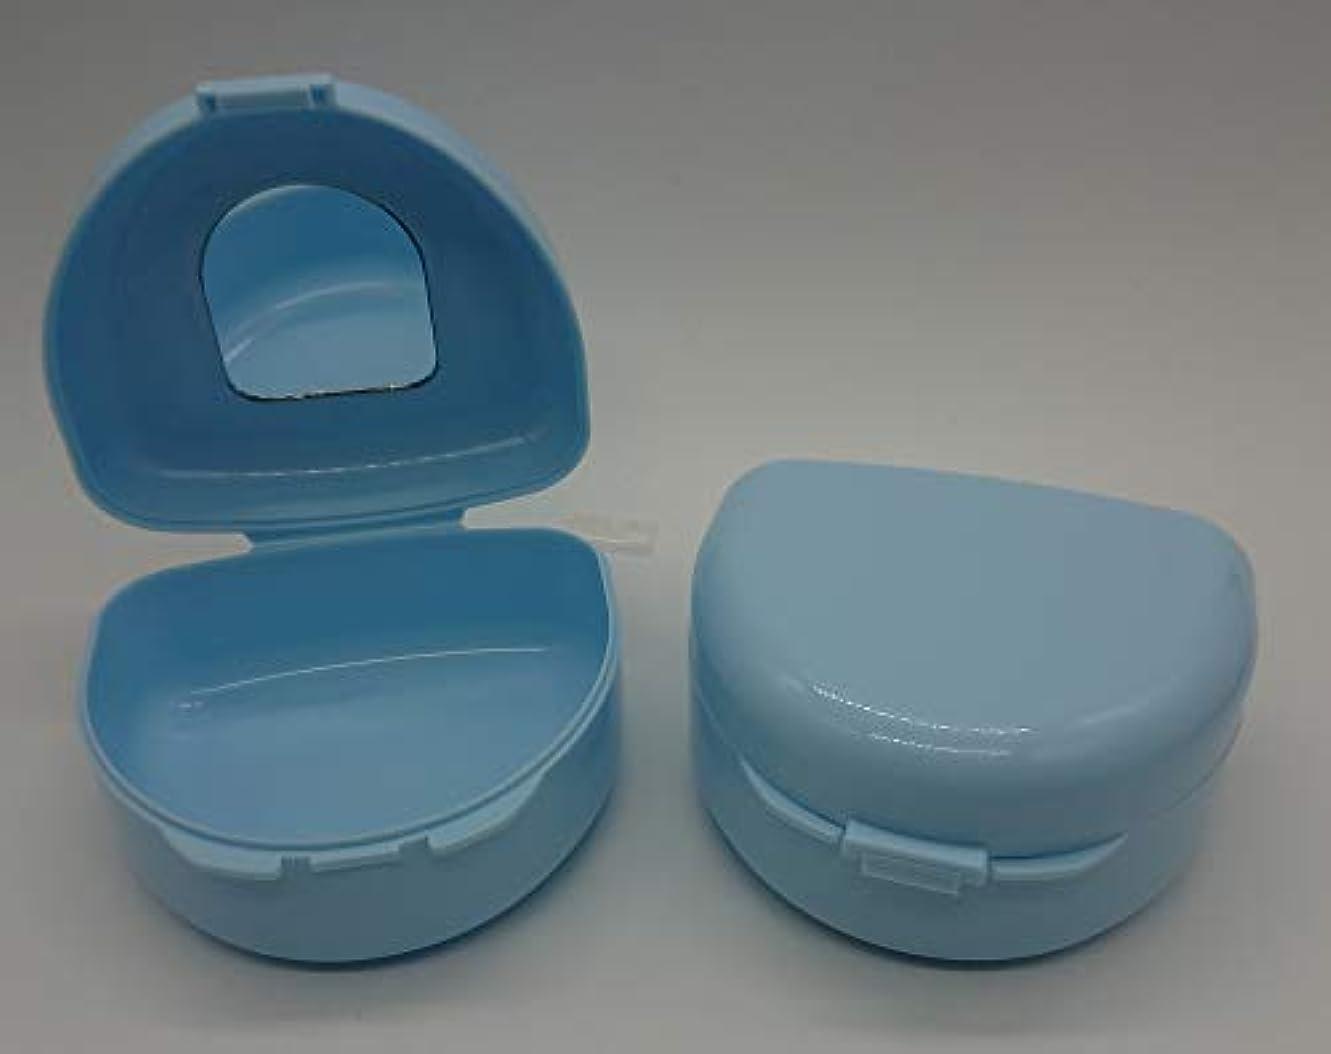 不快な安心させる広範囲に鏡付き入れ歯マウスピースケース(容器) 水色